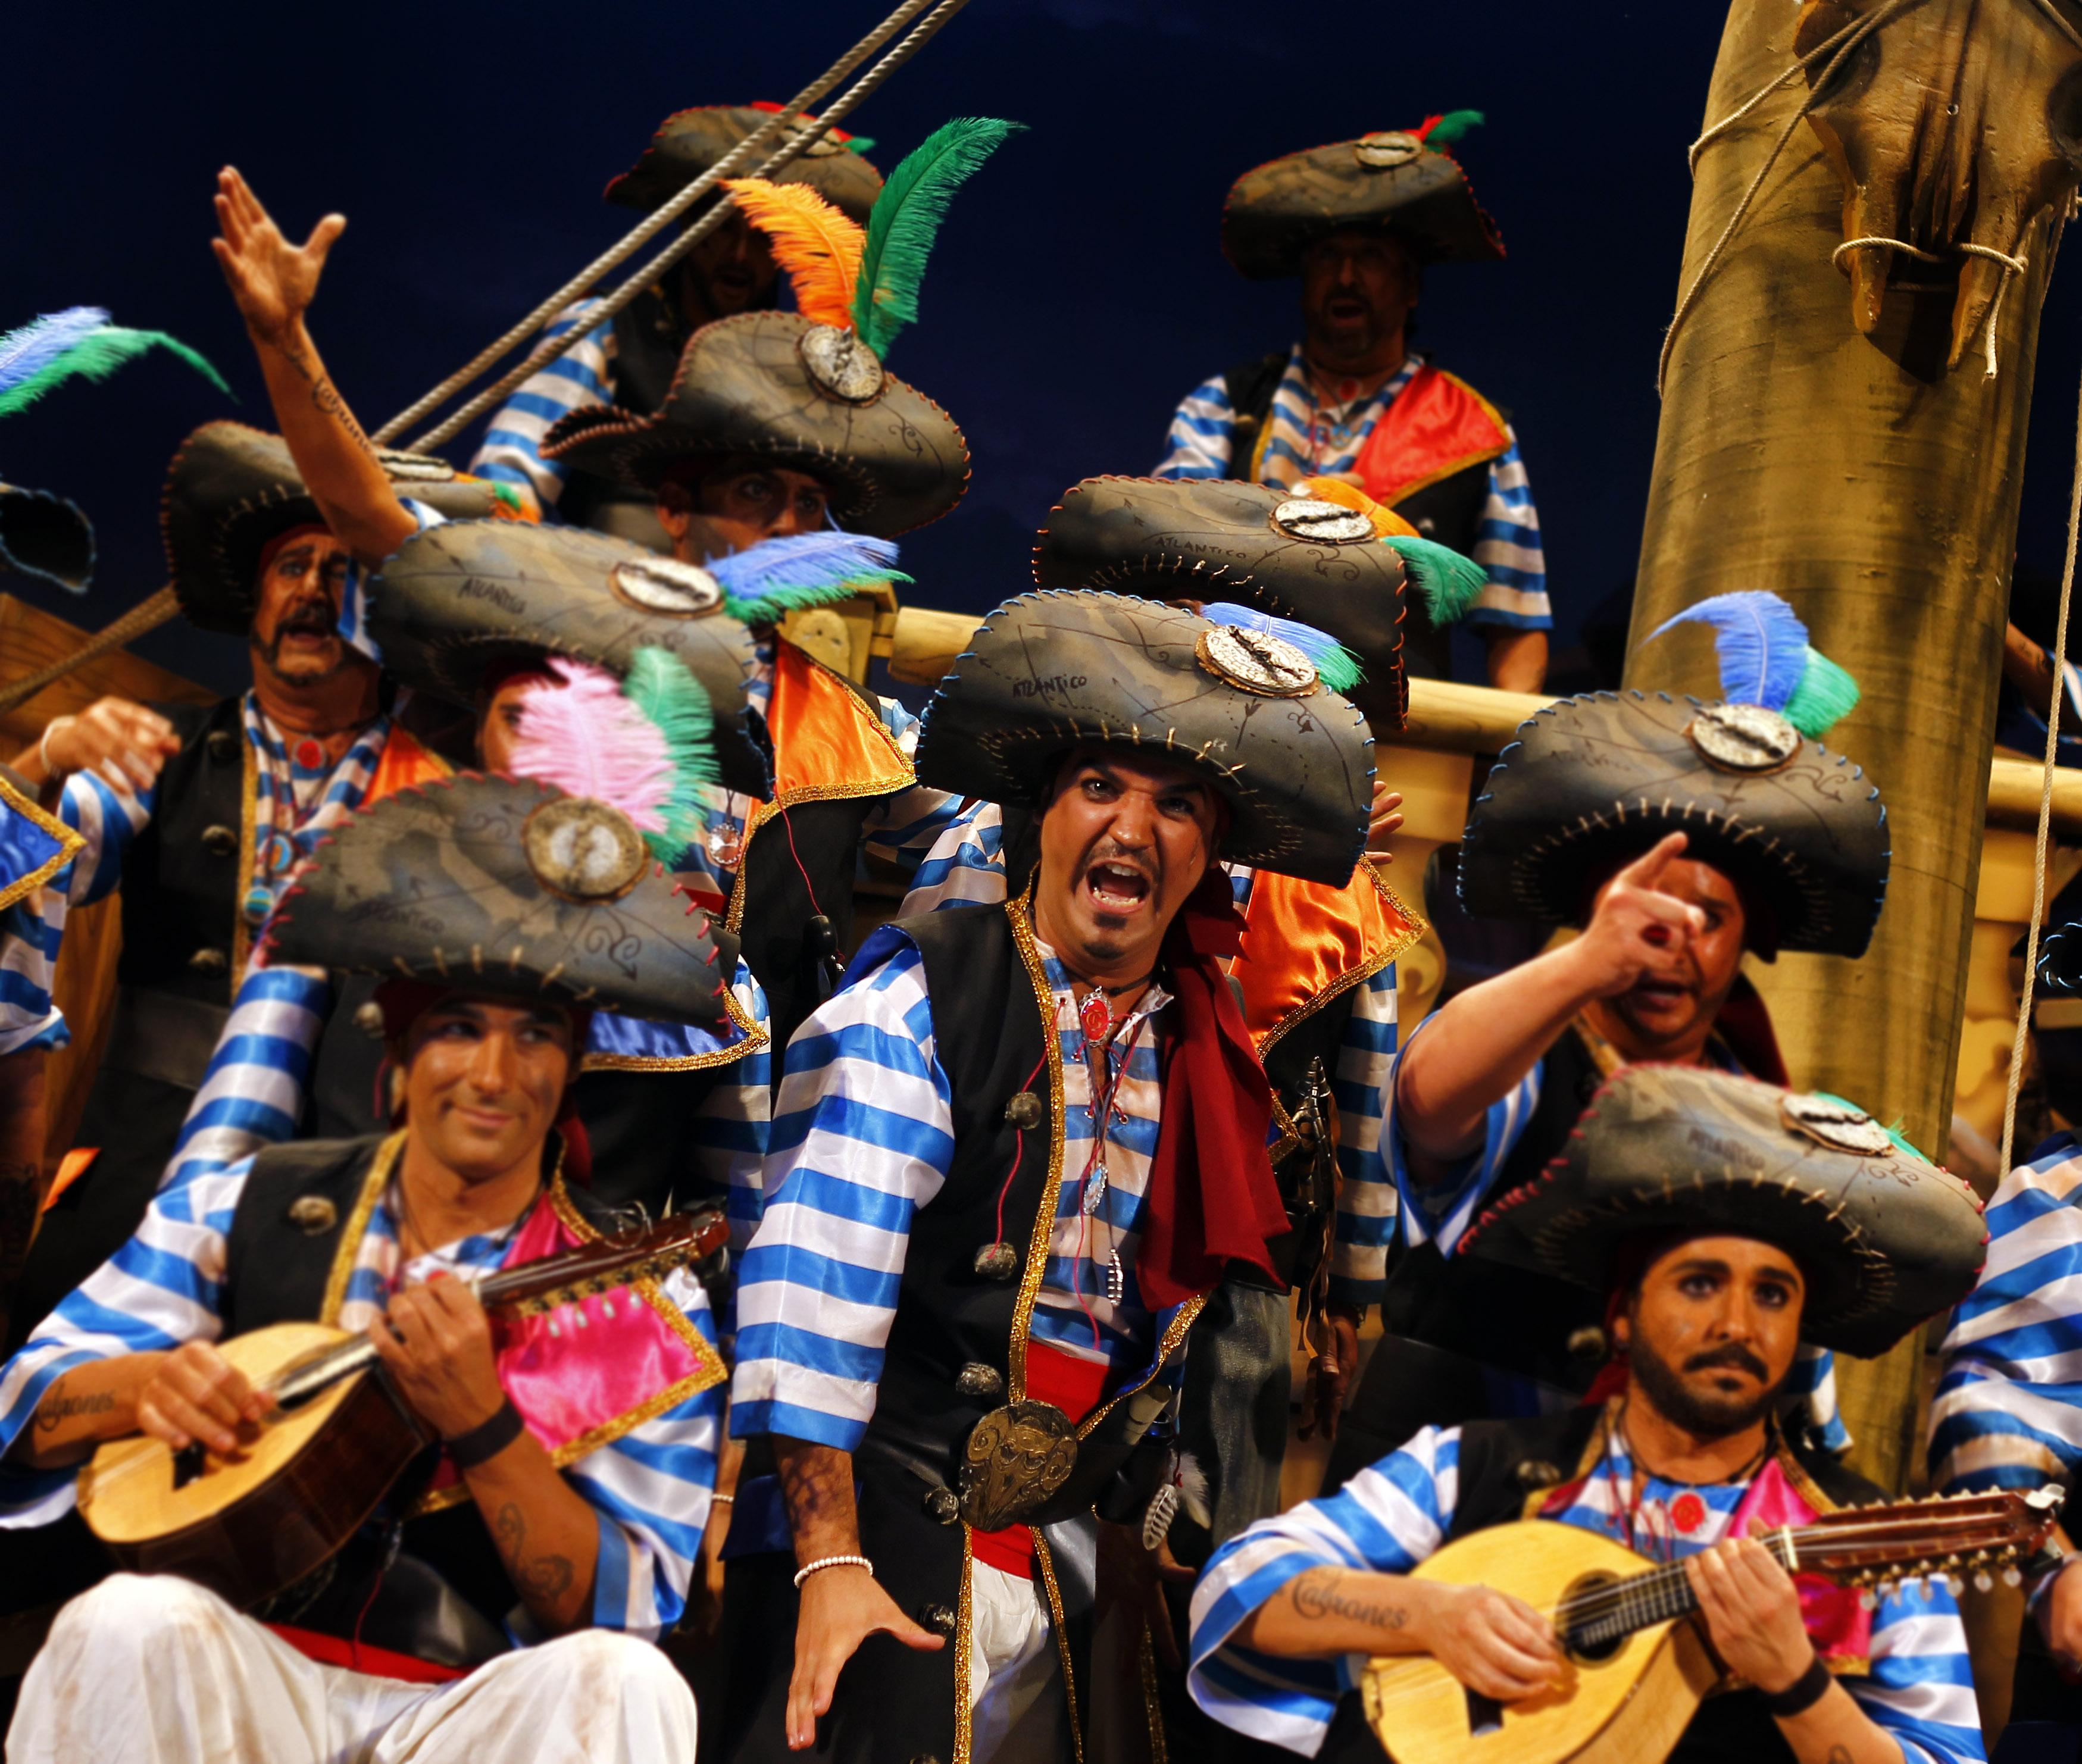 Los piratas de Pardo se llevan el gran botín de la noche